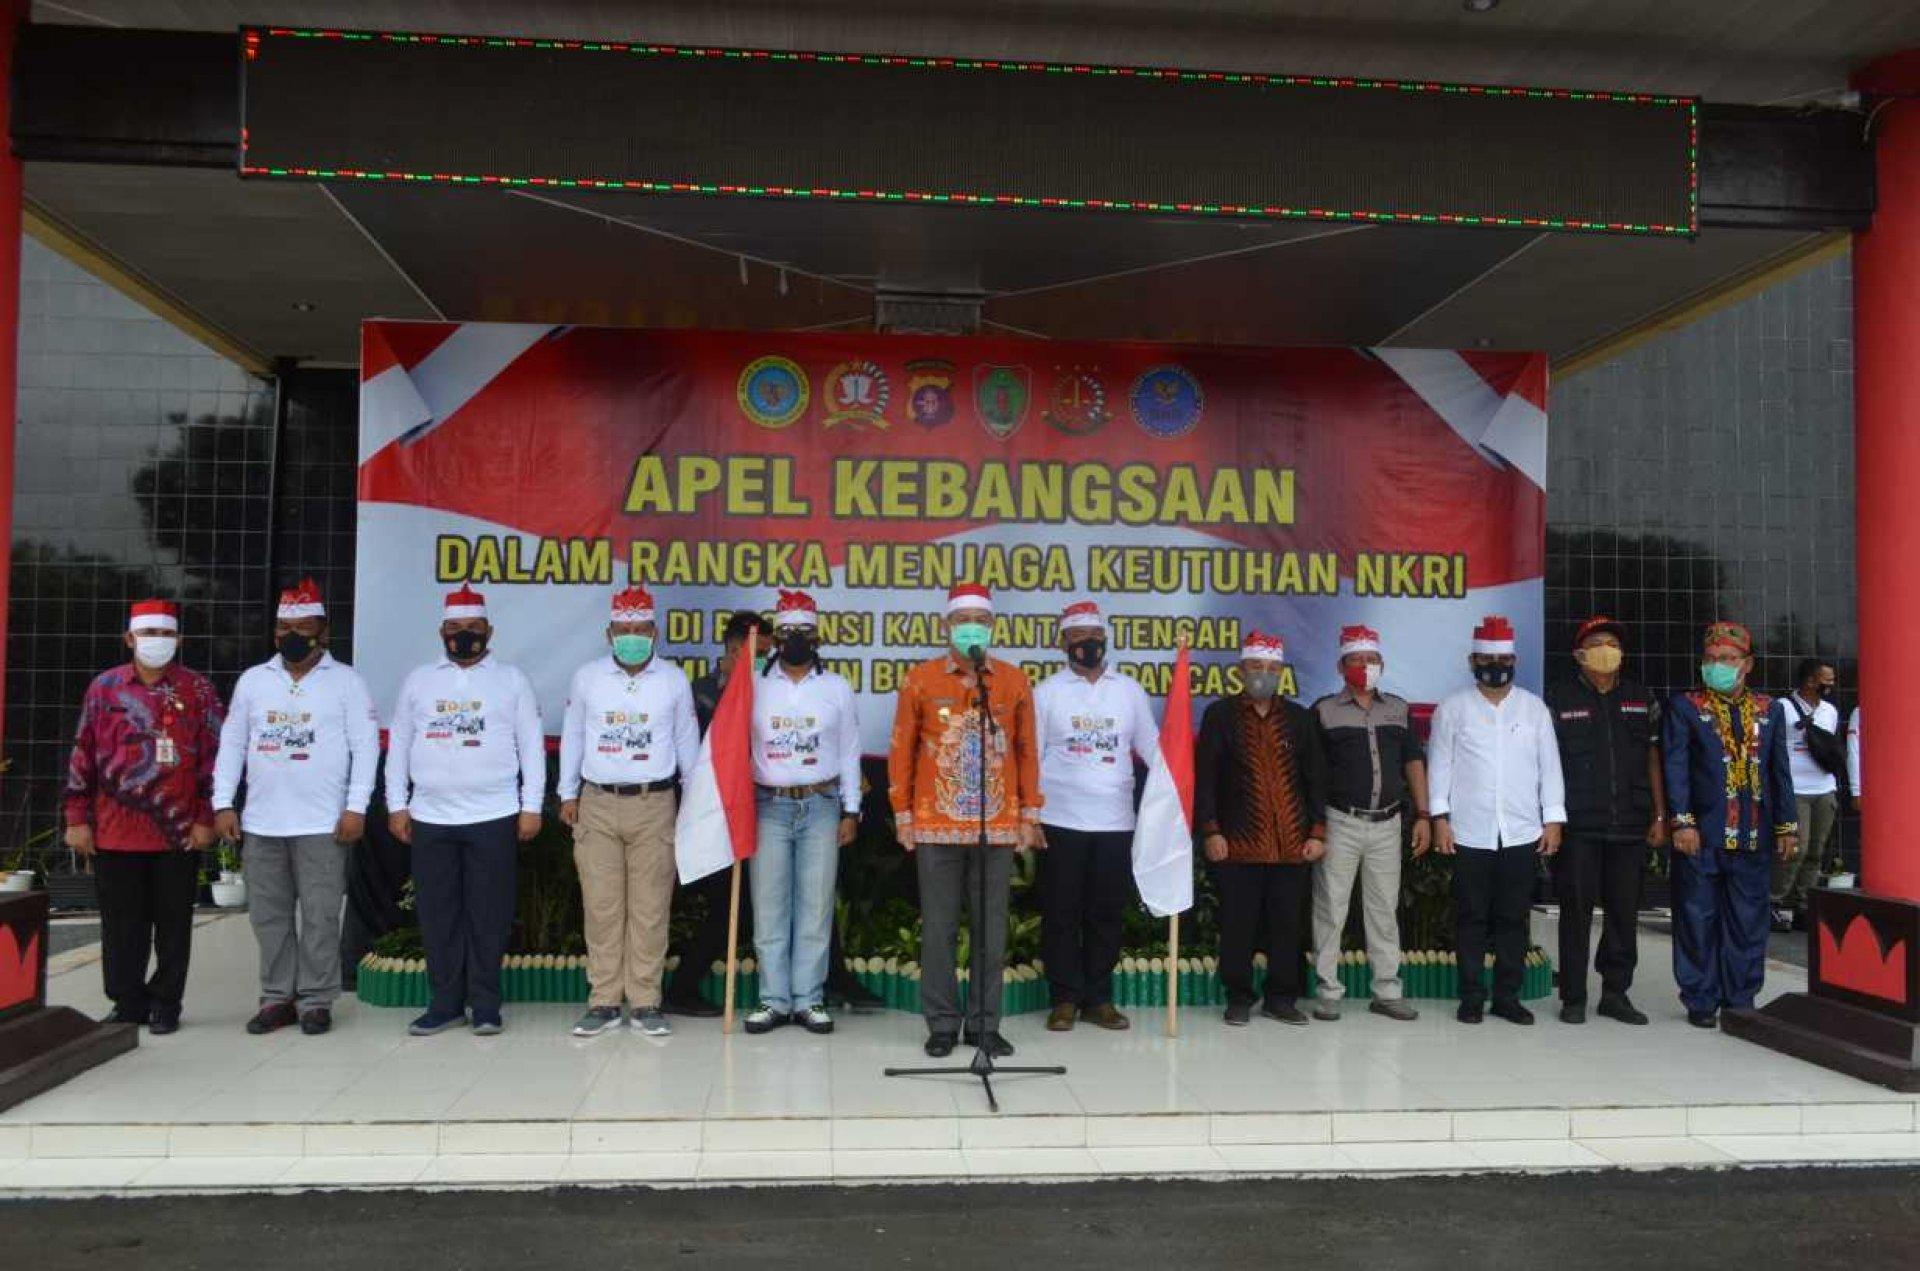 Sekda Fahrizal Fitri Pimpin Apel Kebangsaan dan Deklarasikan Jaga Kondusivitas Kalteng